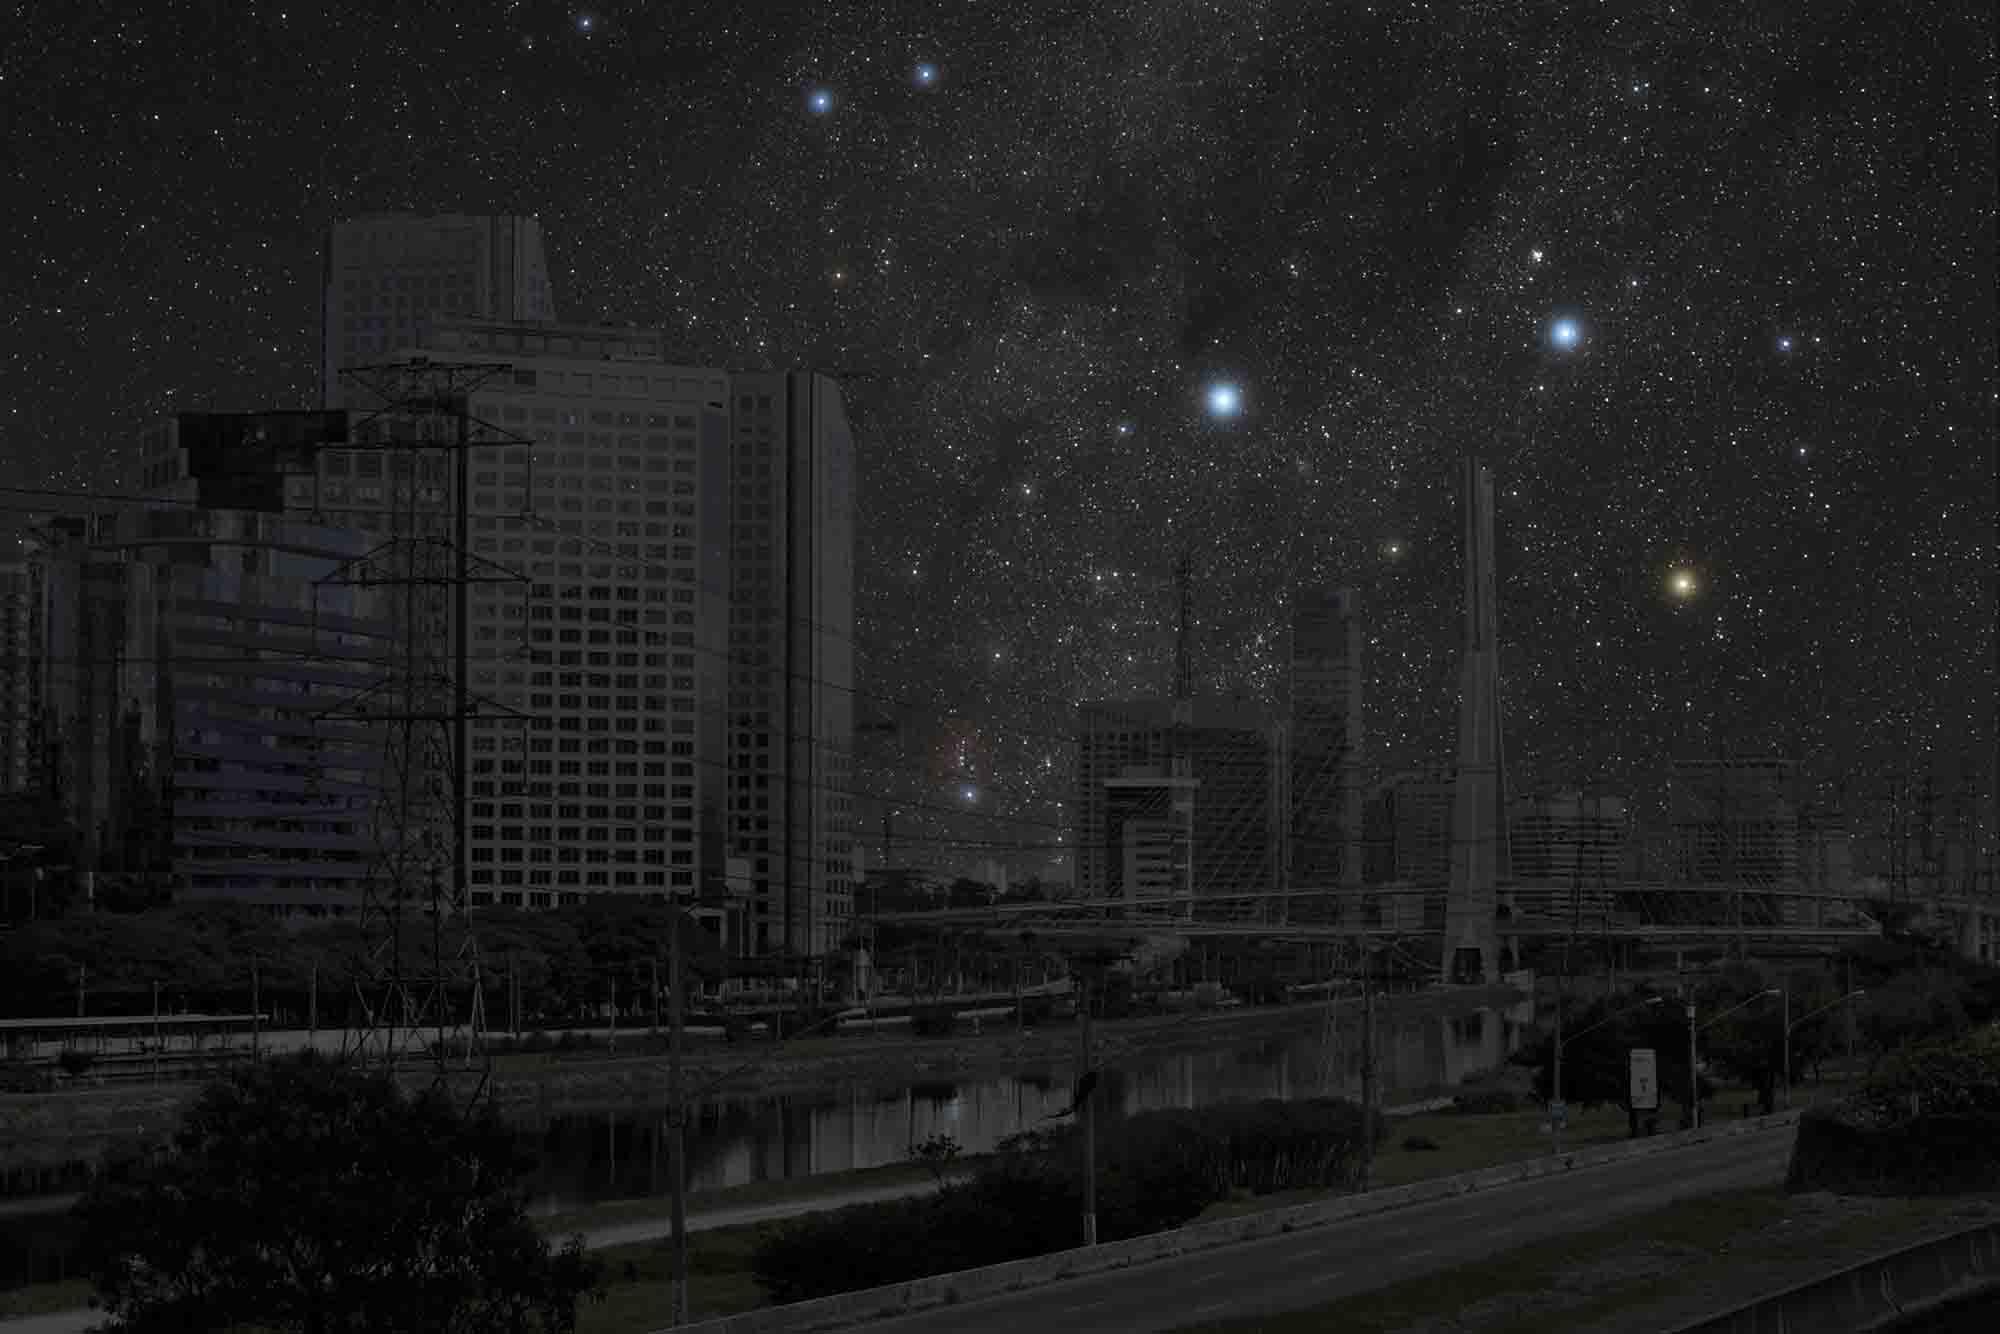 São Paulo 23° 36' 05'' S 2011-06-07 lst 19:48<br/>Darkened Cities - Villes éteintes